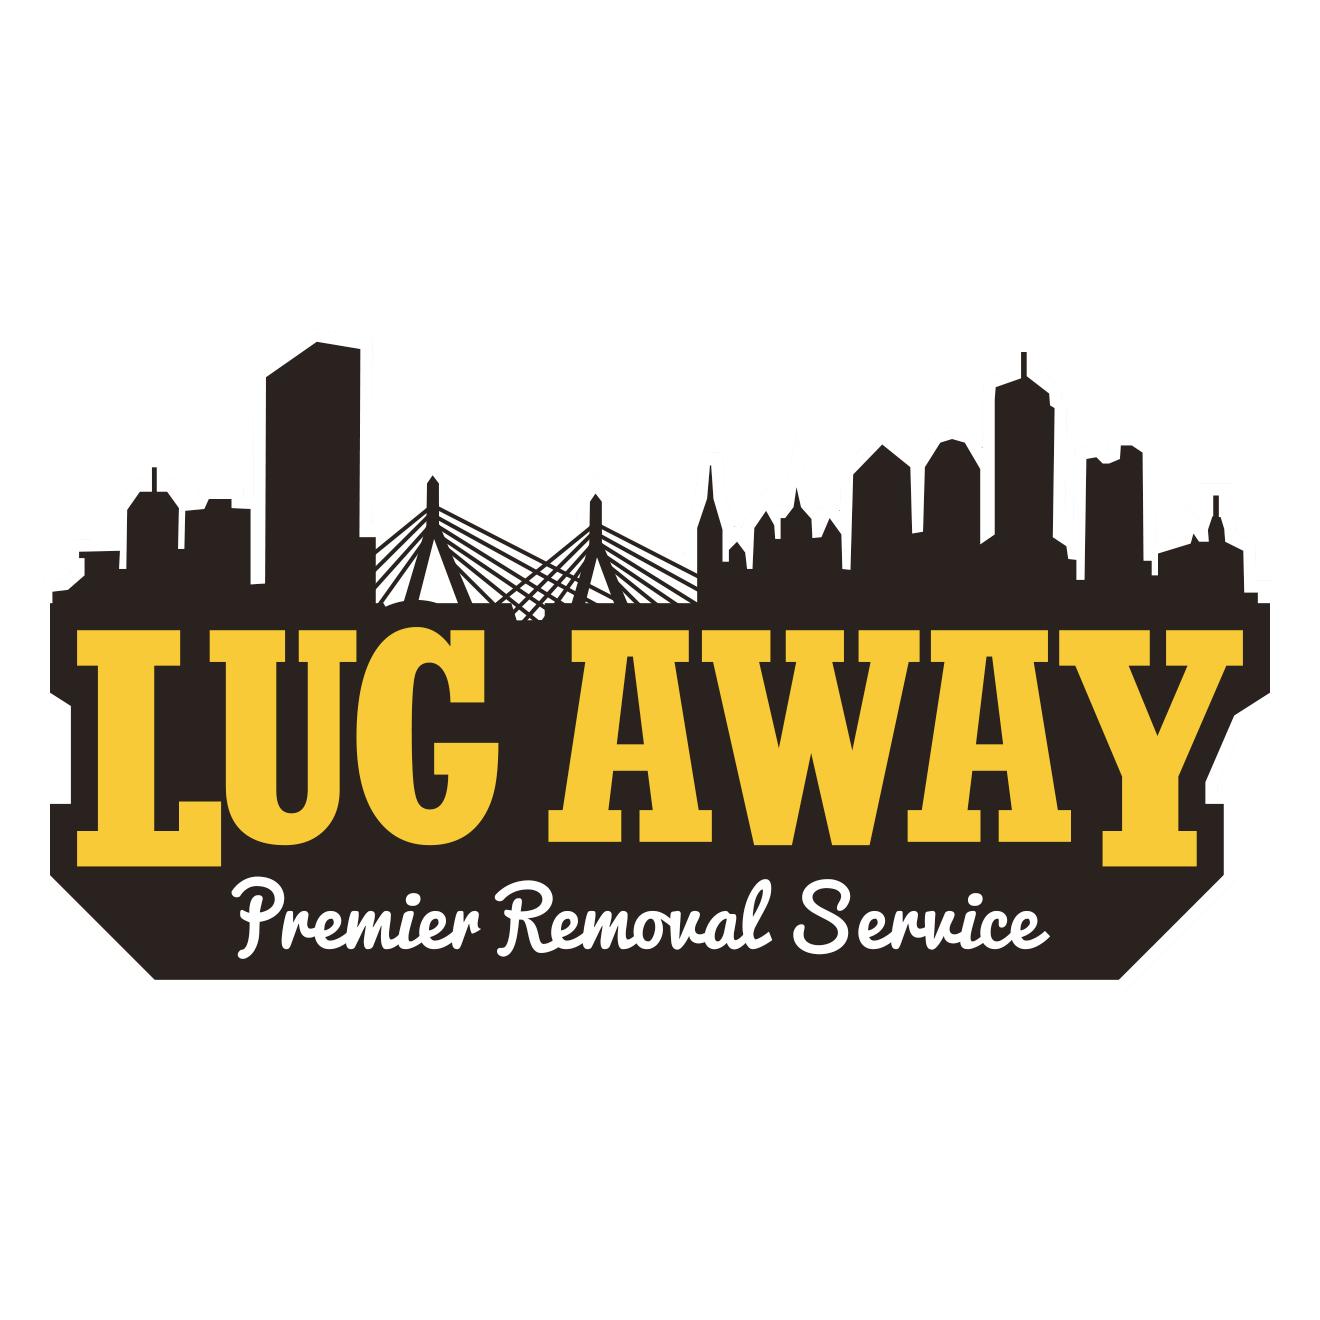 Lug Away image 1